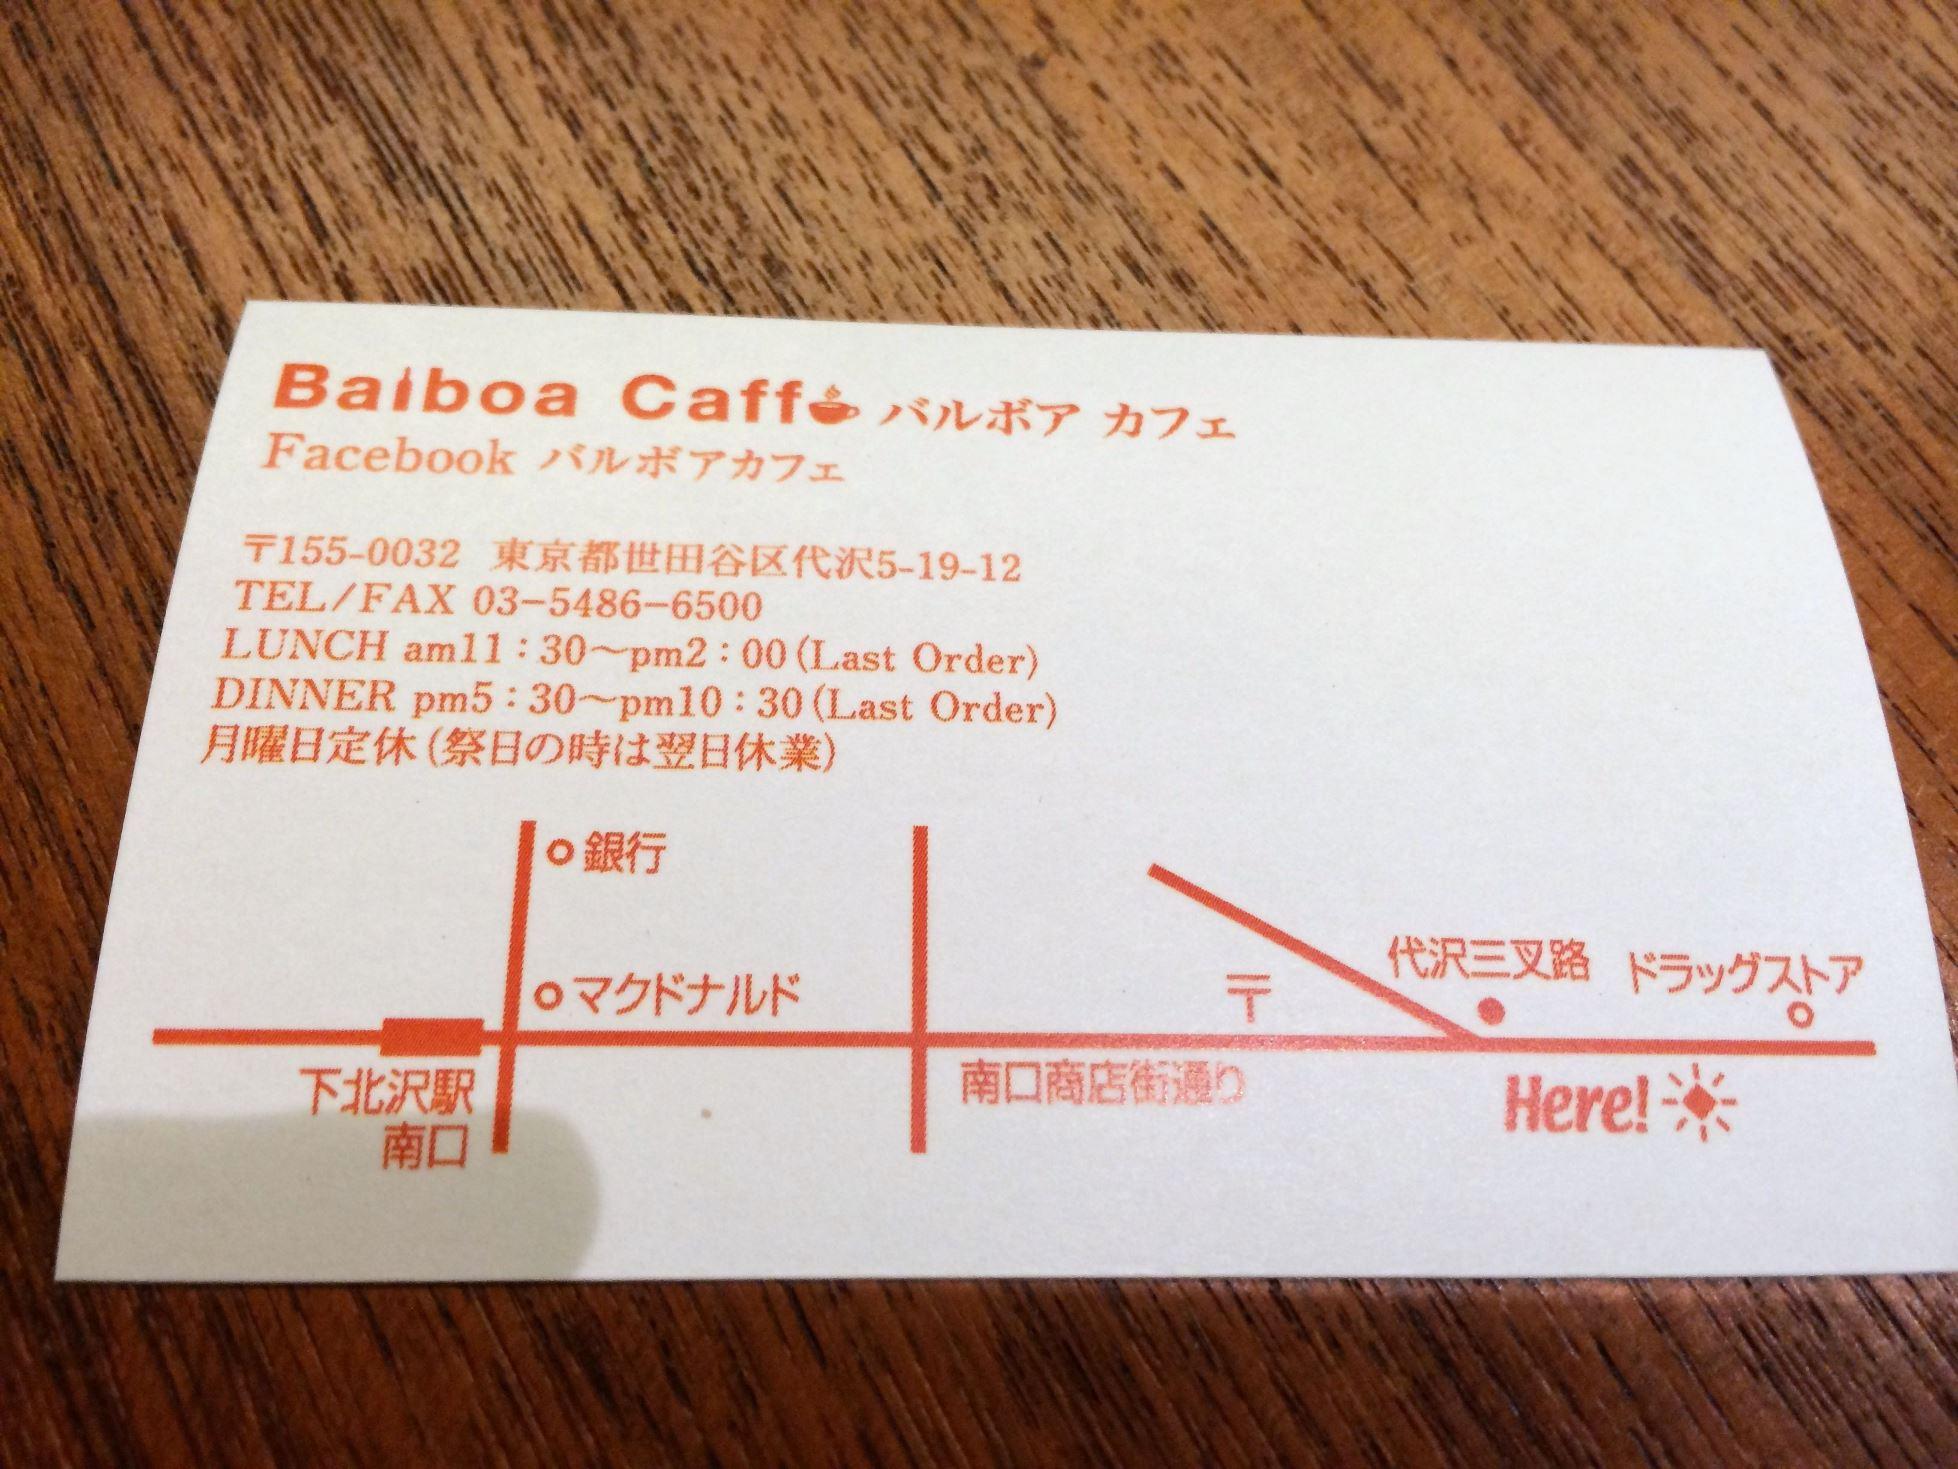 代沢三叉路近くの 「バルボア カフェ (Balboa Caffe)」 【下北沢】